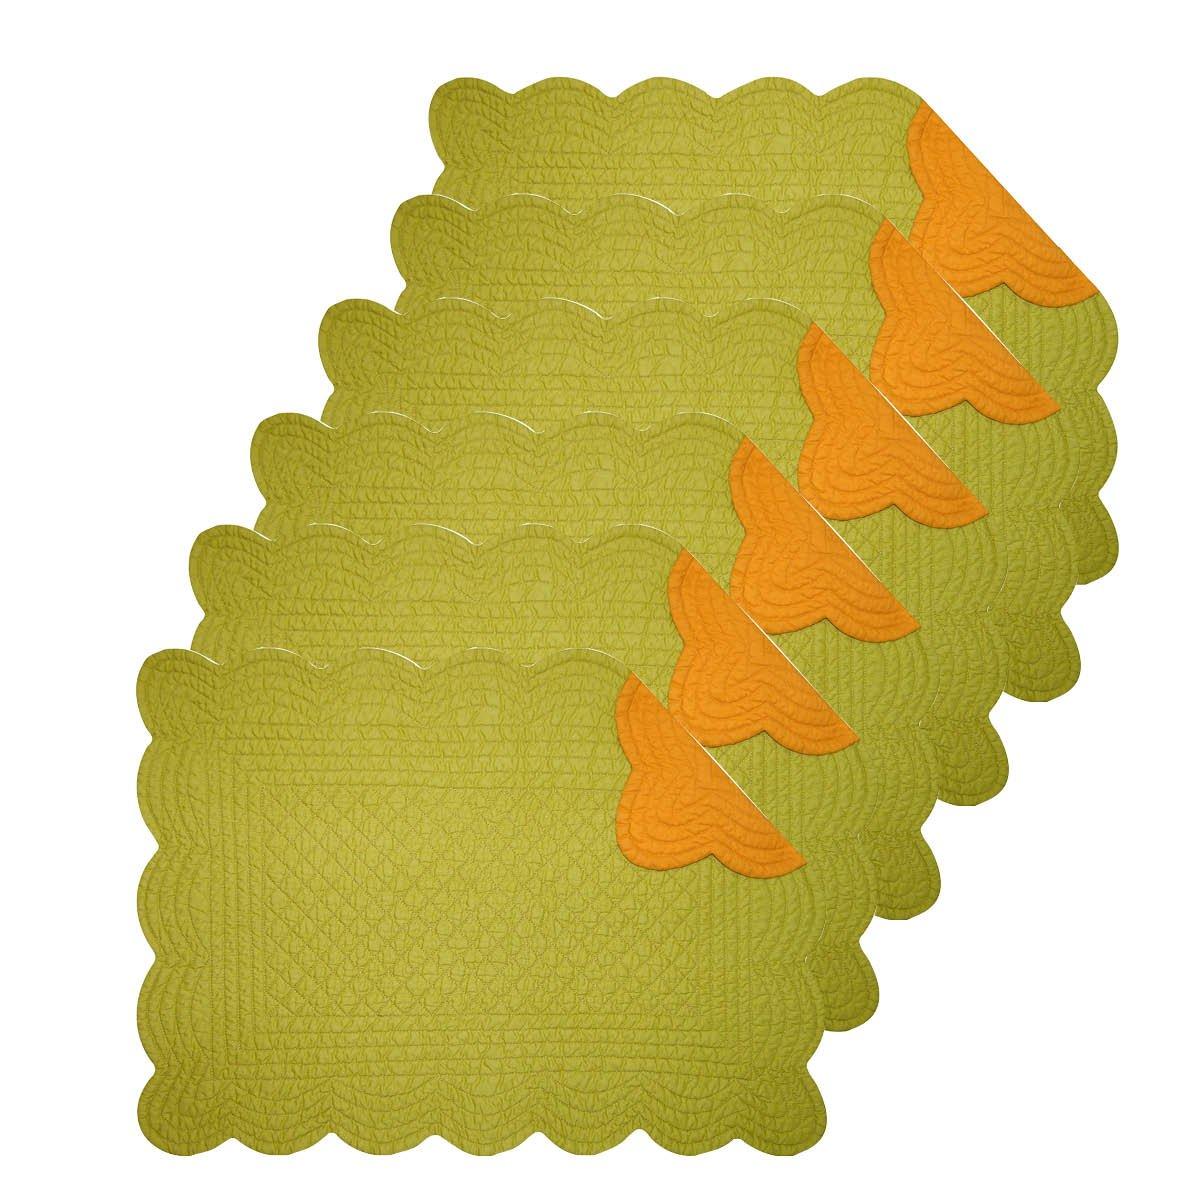 オリーブオレンジ13 x 19キルト風長方形プレースマット6のセット   B0762QPSFG